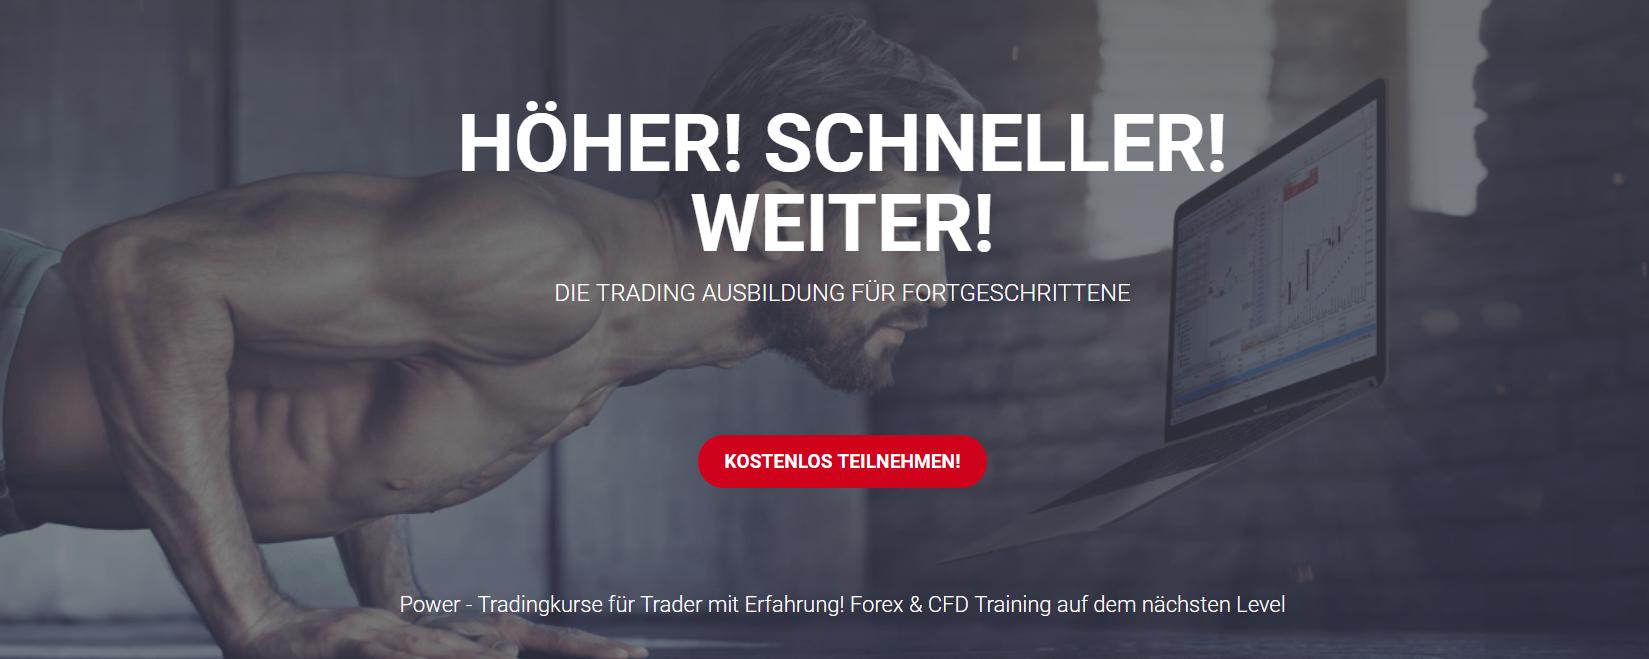 Höher-Schneller-Weiter-Die-Tradingausbildung-für-Fortgeschrittene-Kommentar-Jens-Chrzanowski-GodmodeTrader.de-1